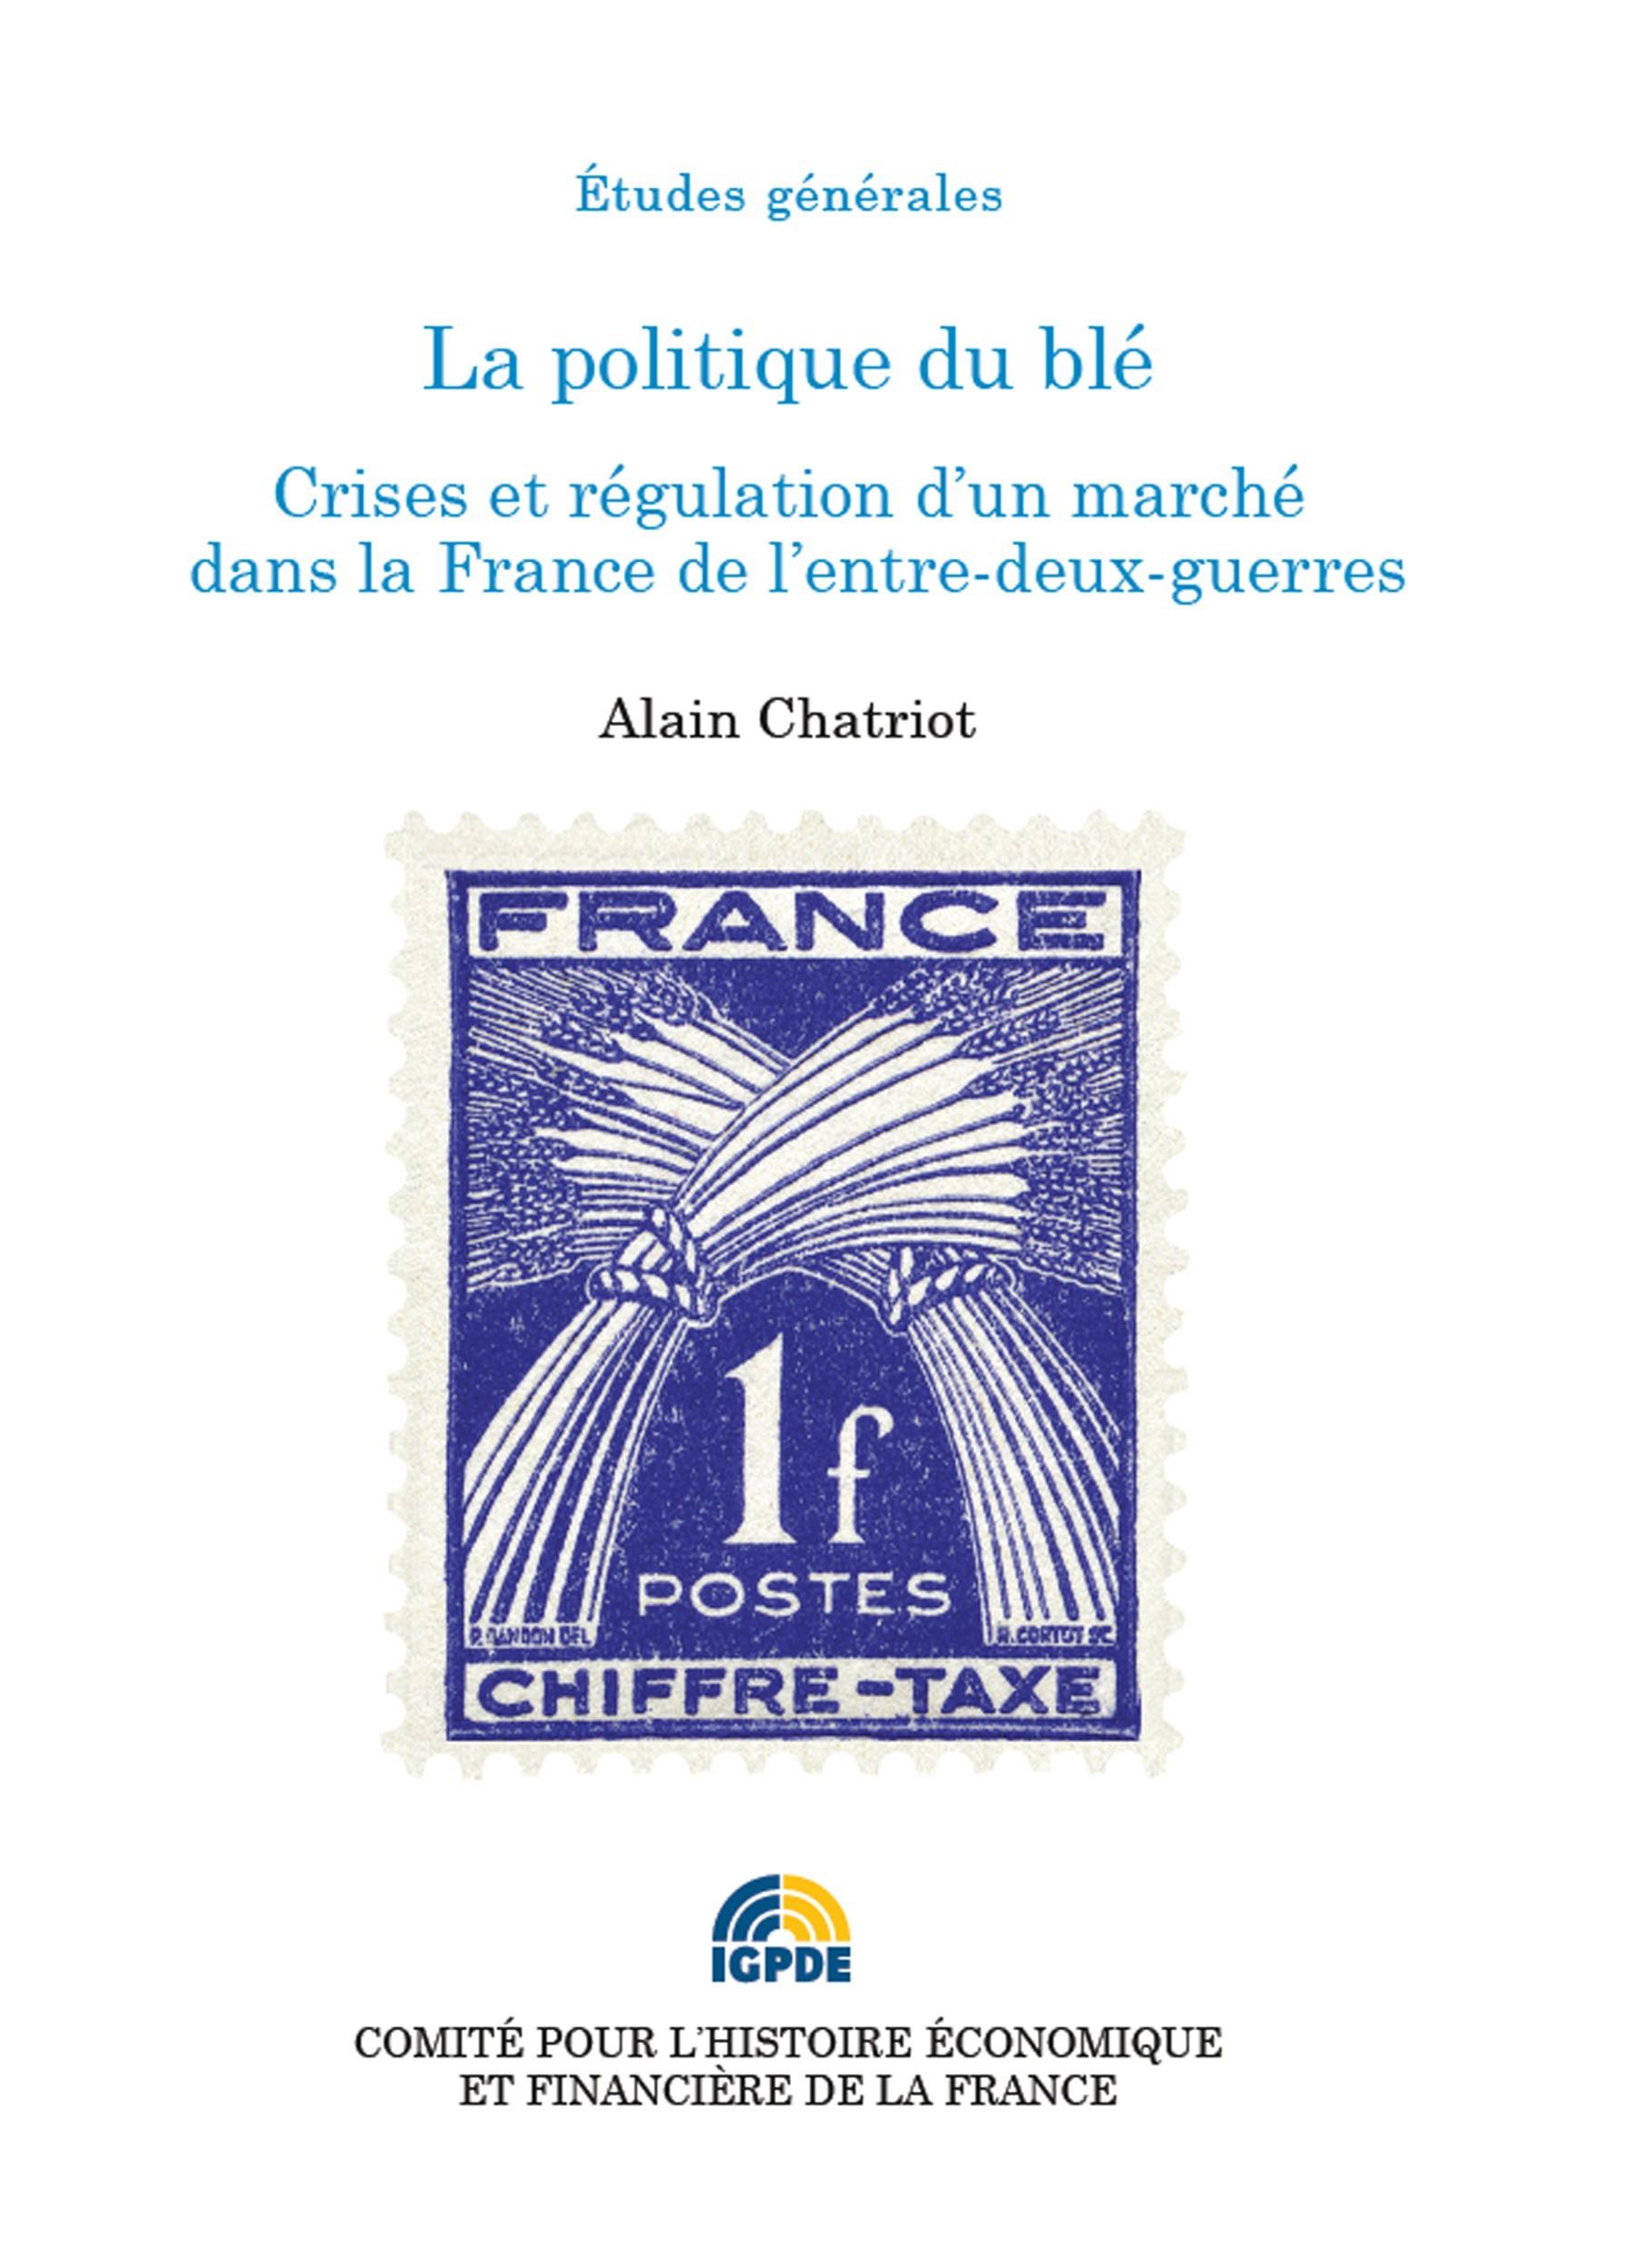 La politique du blé ; crises et régulation d'un marché dans la France de l'entre-deux-guerres